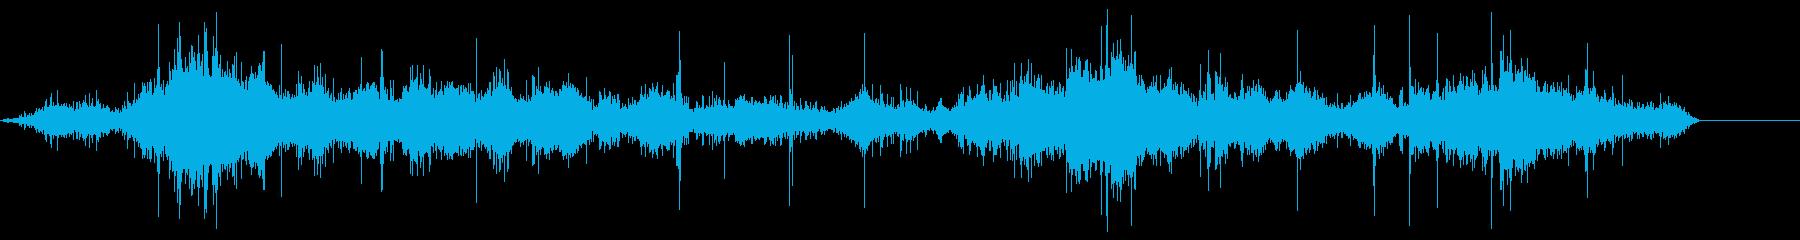 ウェーブブレイカーズ、ラップ; D...の再生済みの波形